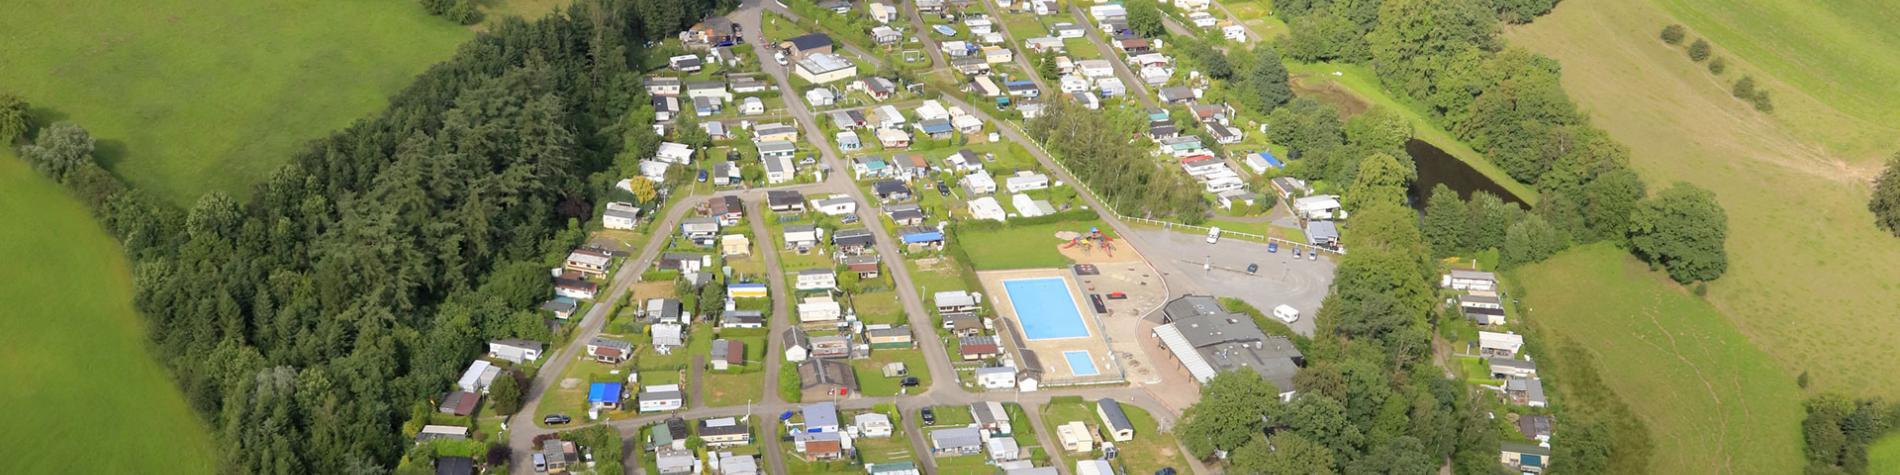 Camping Kon Tiki - Gemmenich - piscine extérieure - plaine de jeux - activités - restauration - bar - pêcherie